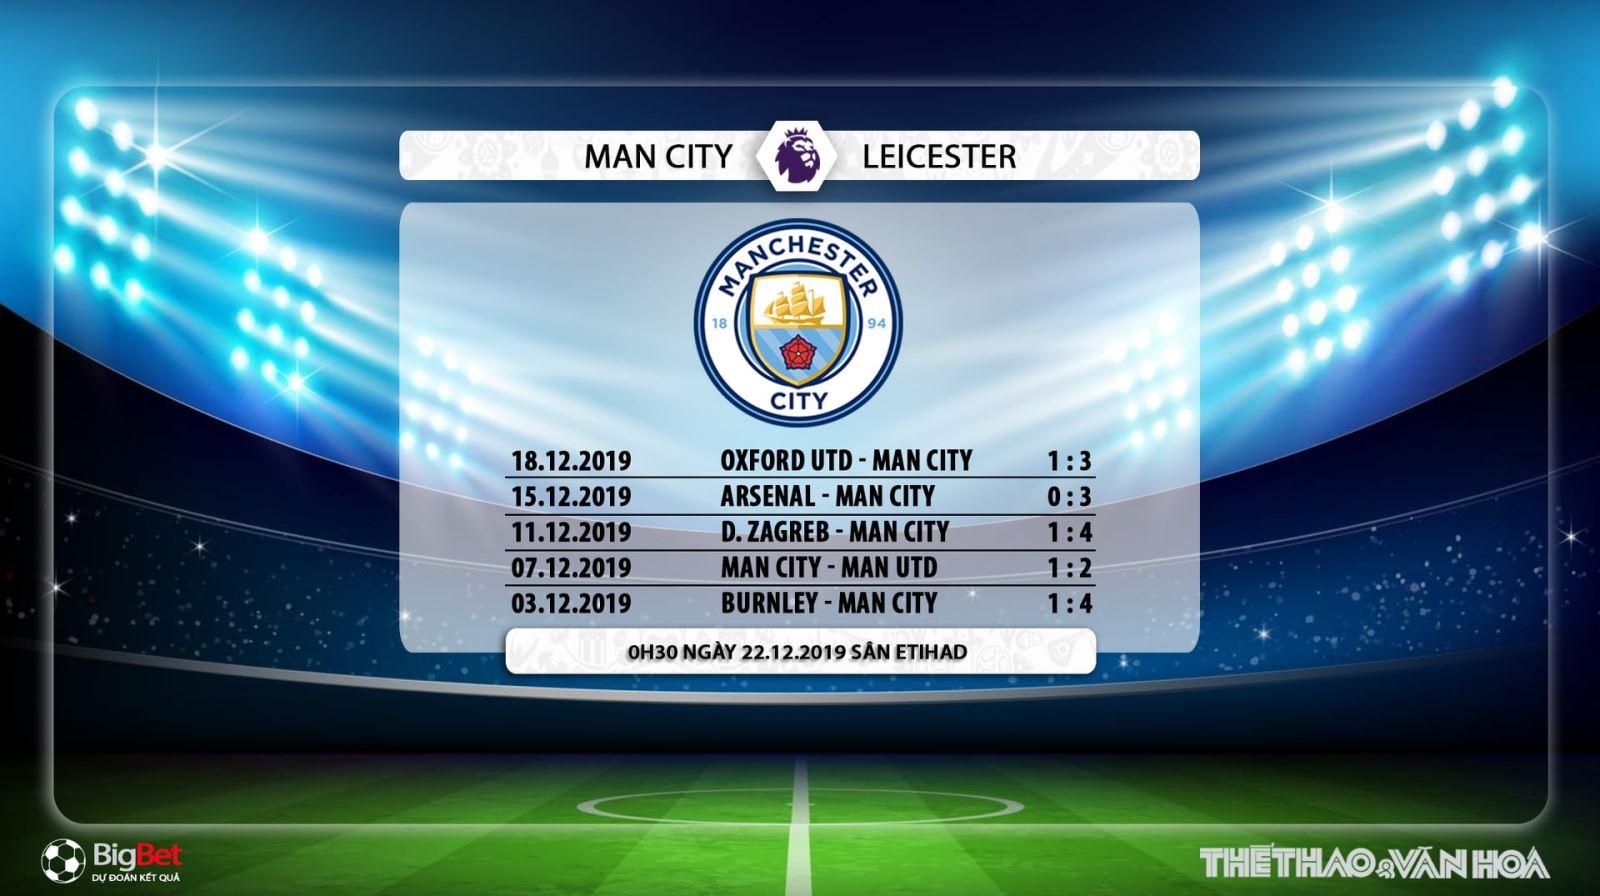 Man City vs Leicester City, man city, leicester, trực tiếp bóng đá, lịch thi đấu bóng đá, trực tiếp Man City vs Leicester City, ngoại hạng anh